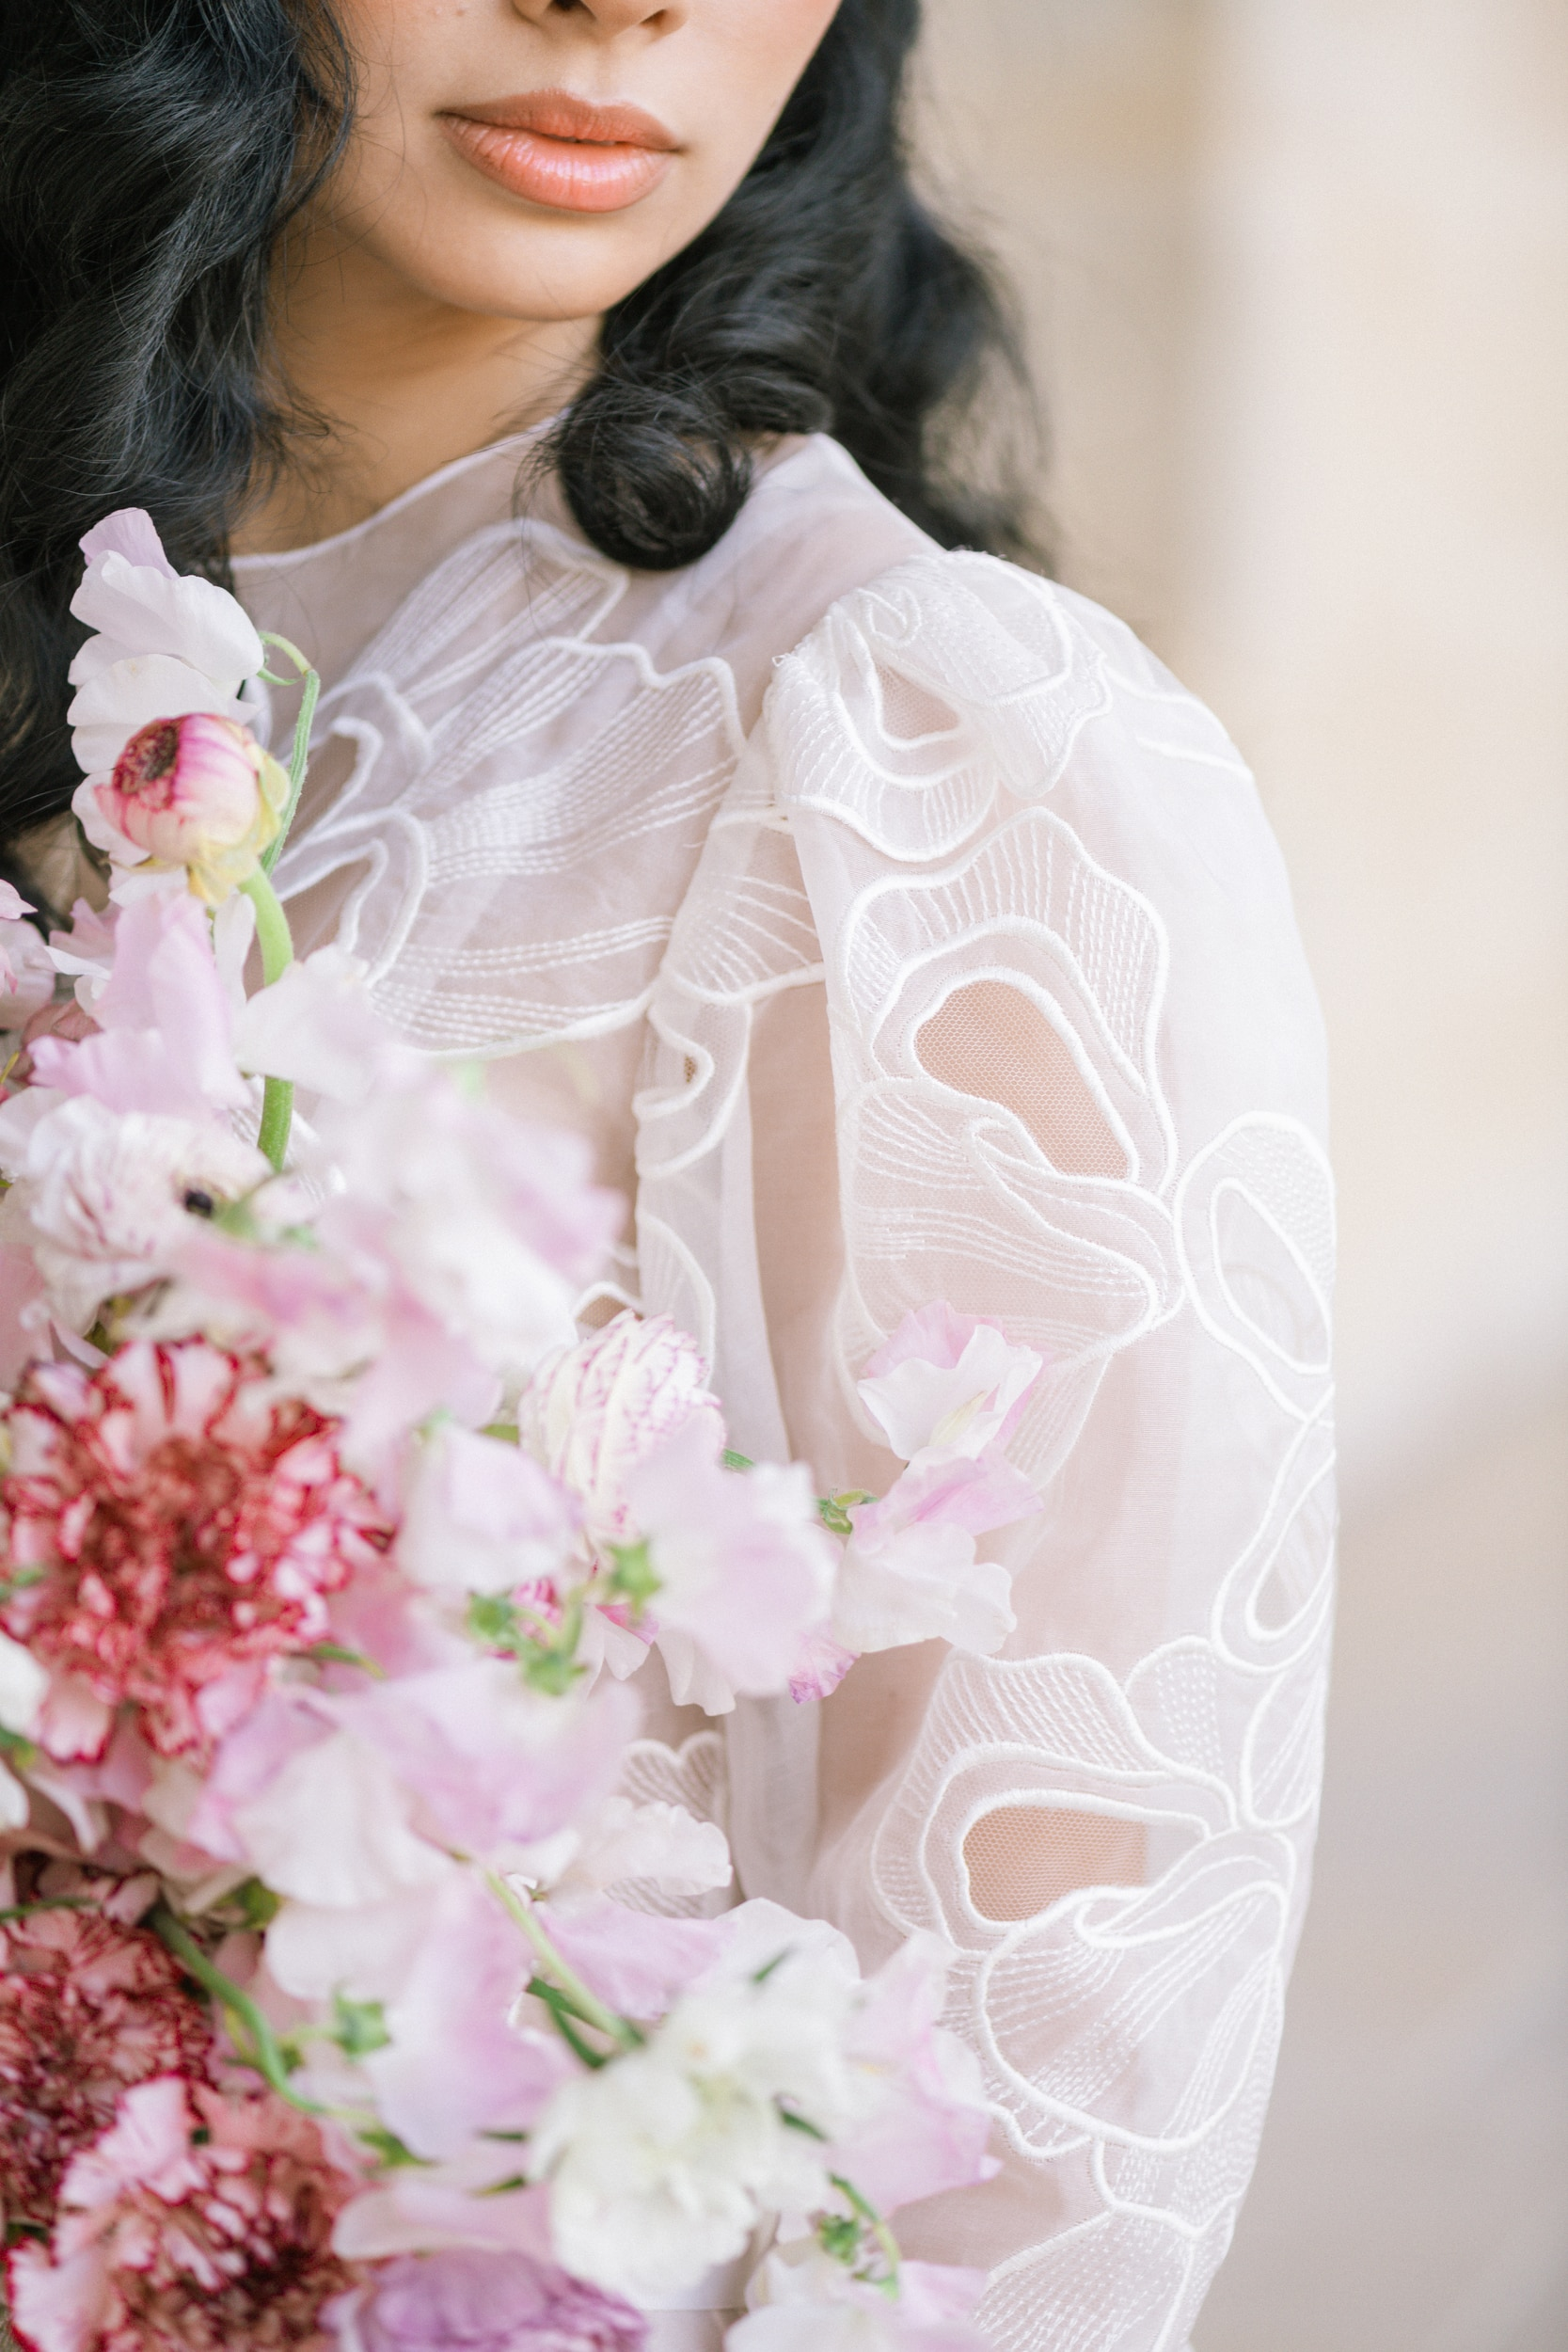 Anais-8013Photographe mariage paris louvre colonne de buren lina raziq